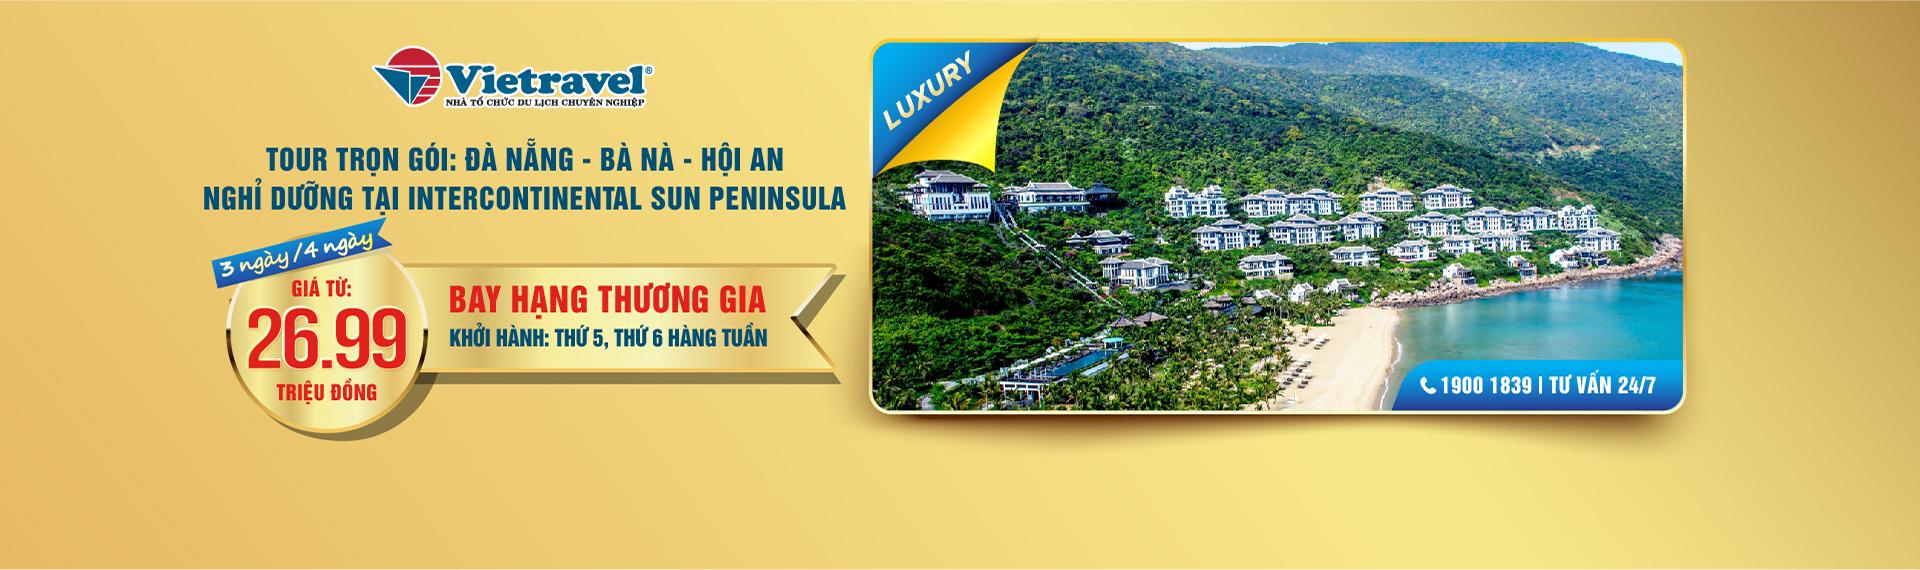 Tour trọn gói Luxury Đà Nẵng